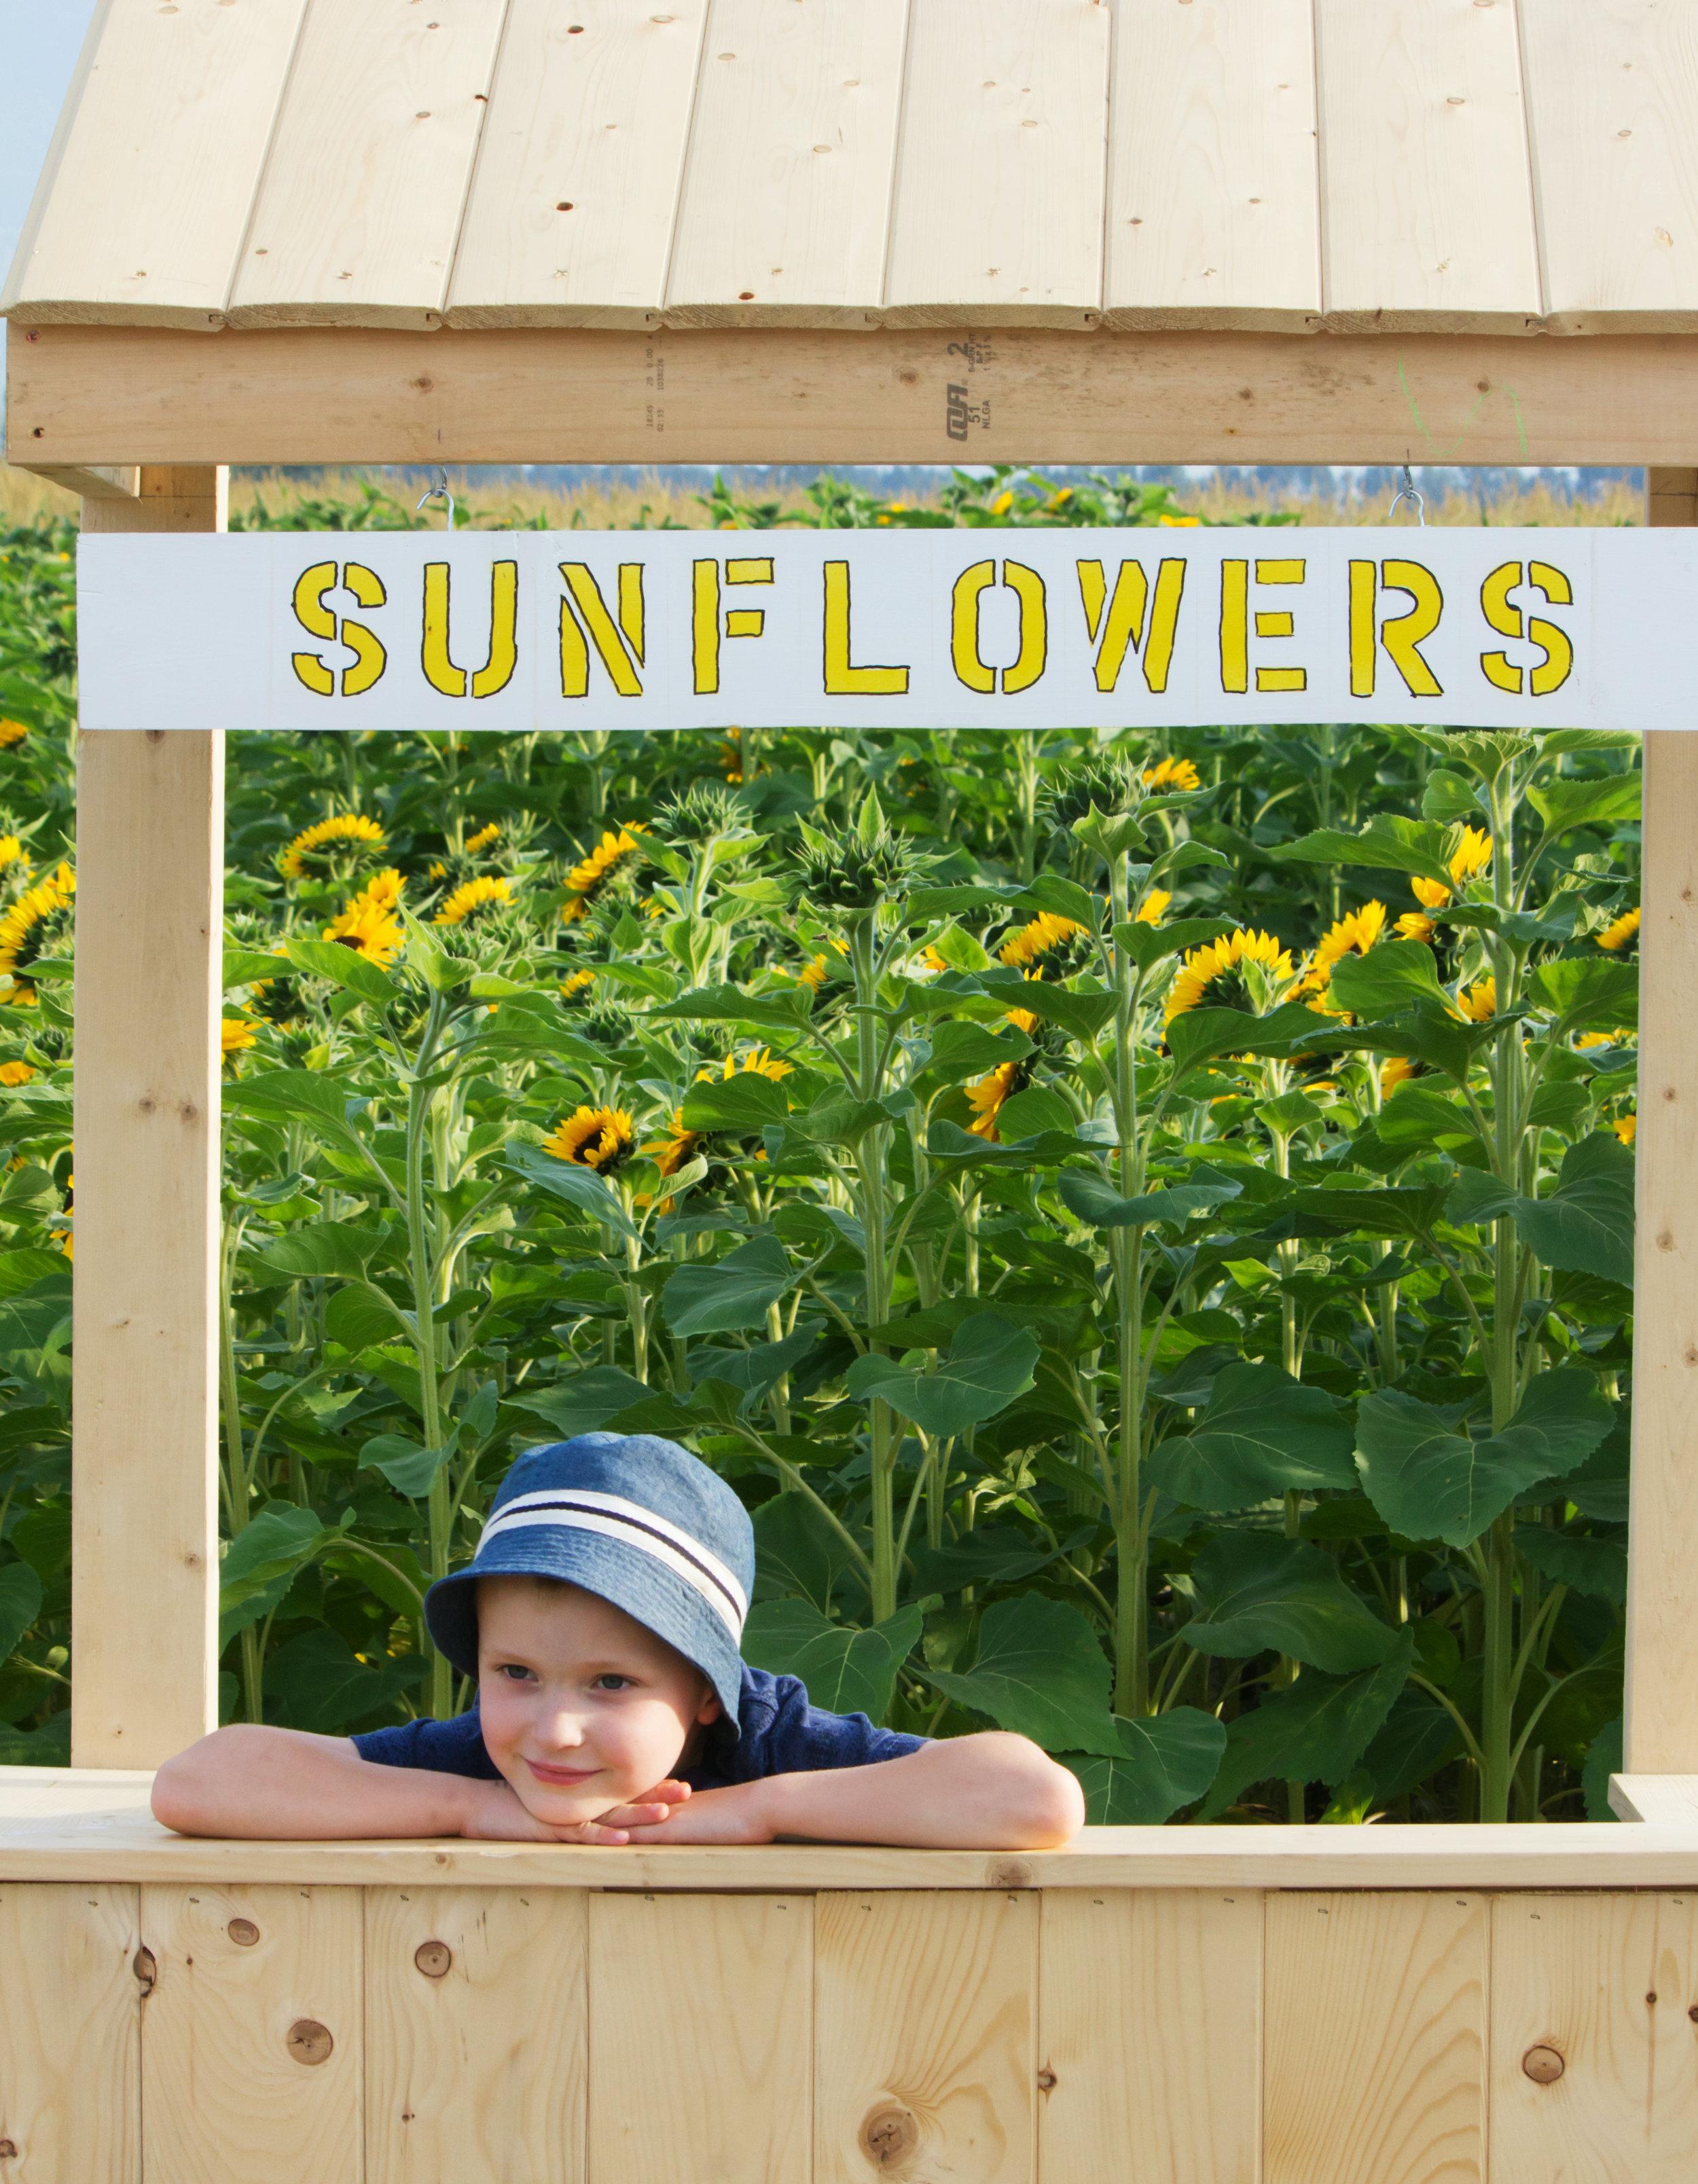 Sunflowers BC